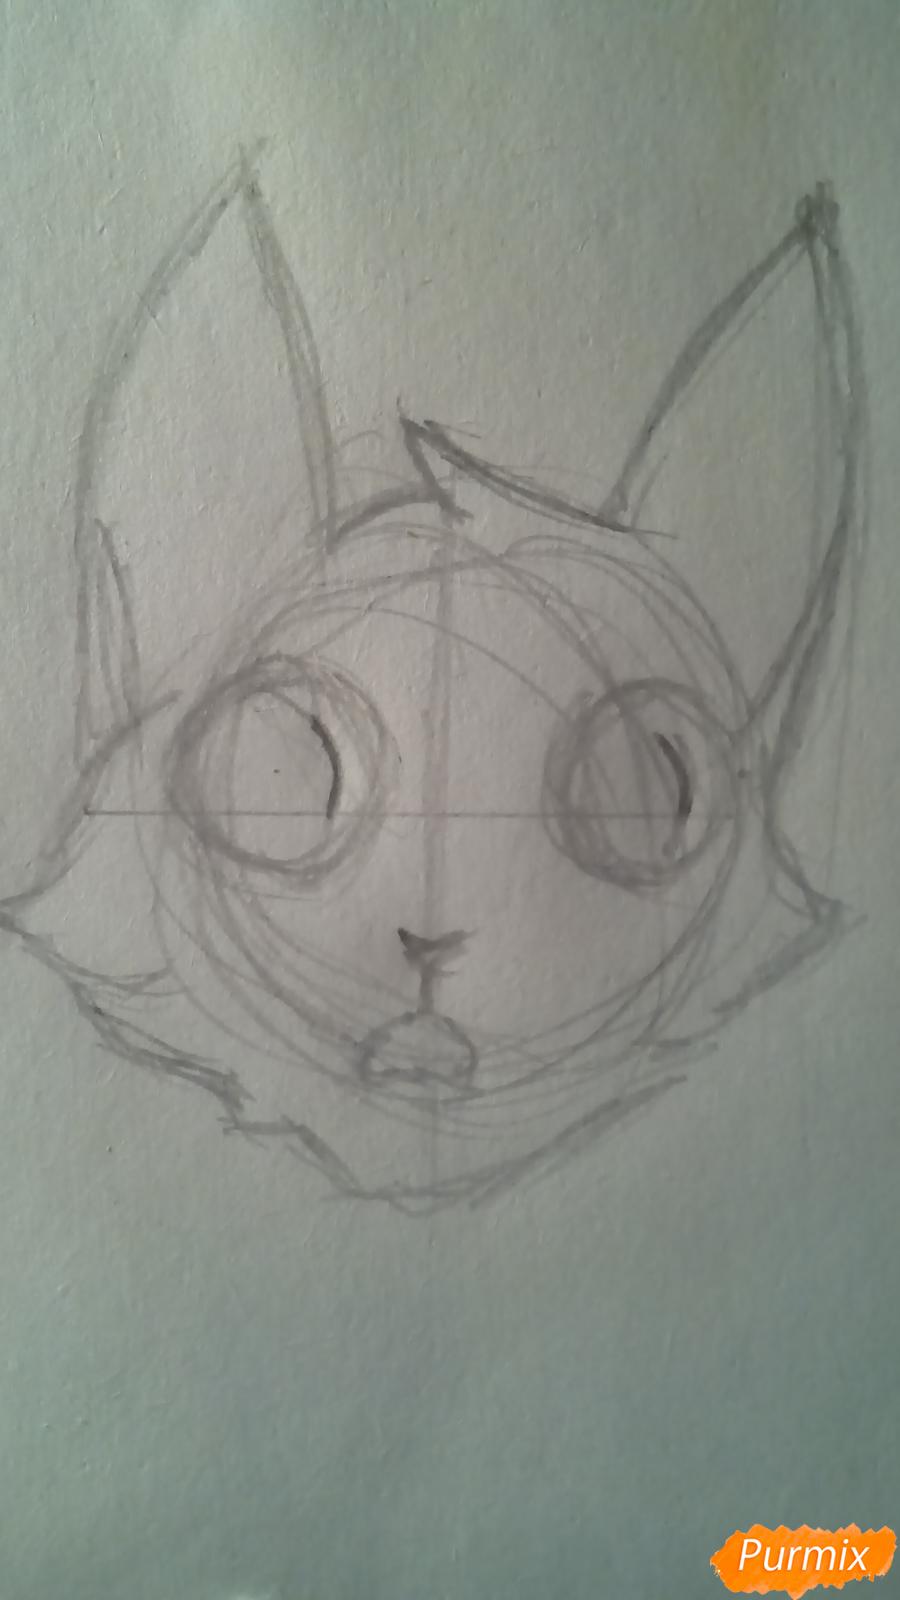 Рисуем кота Мистера Полночь из игры Фрэн Боу карандашами - шаг 2